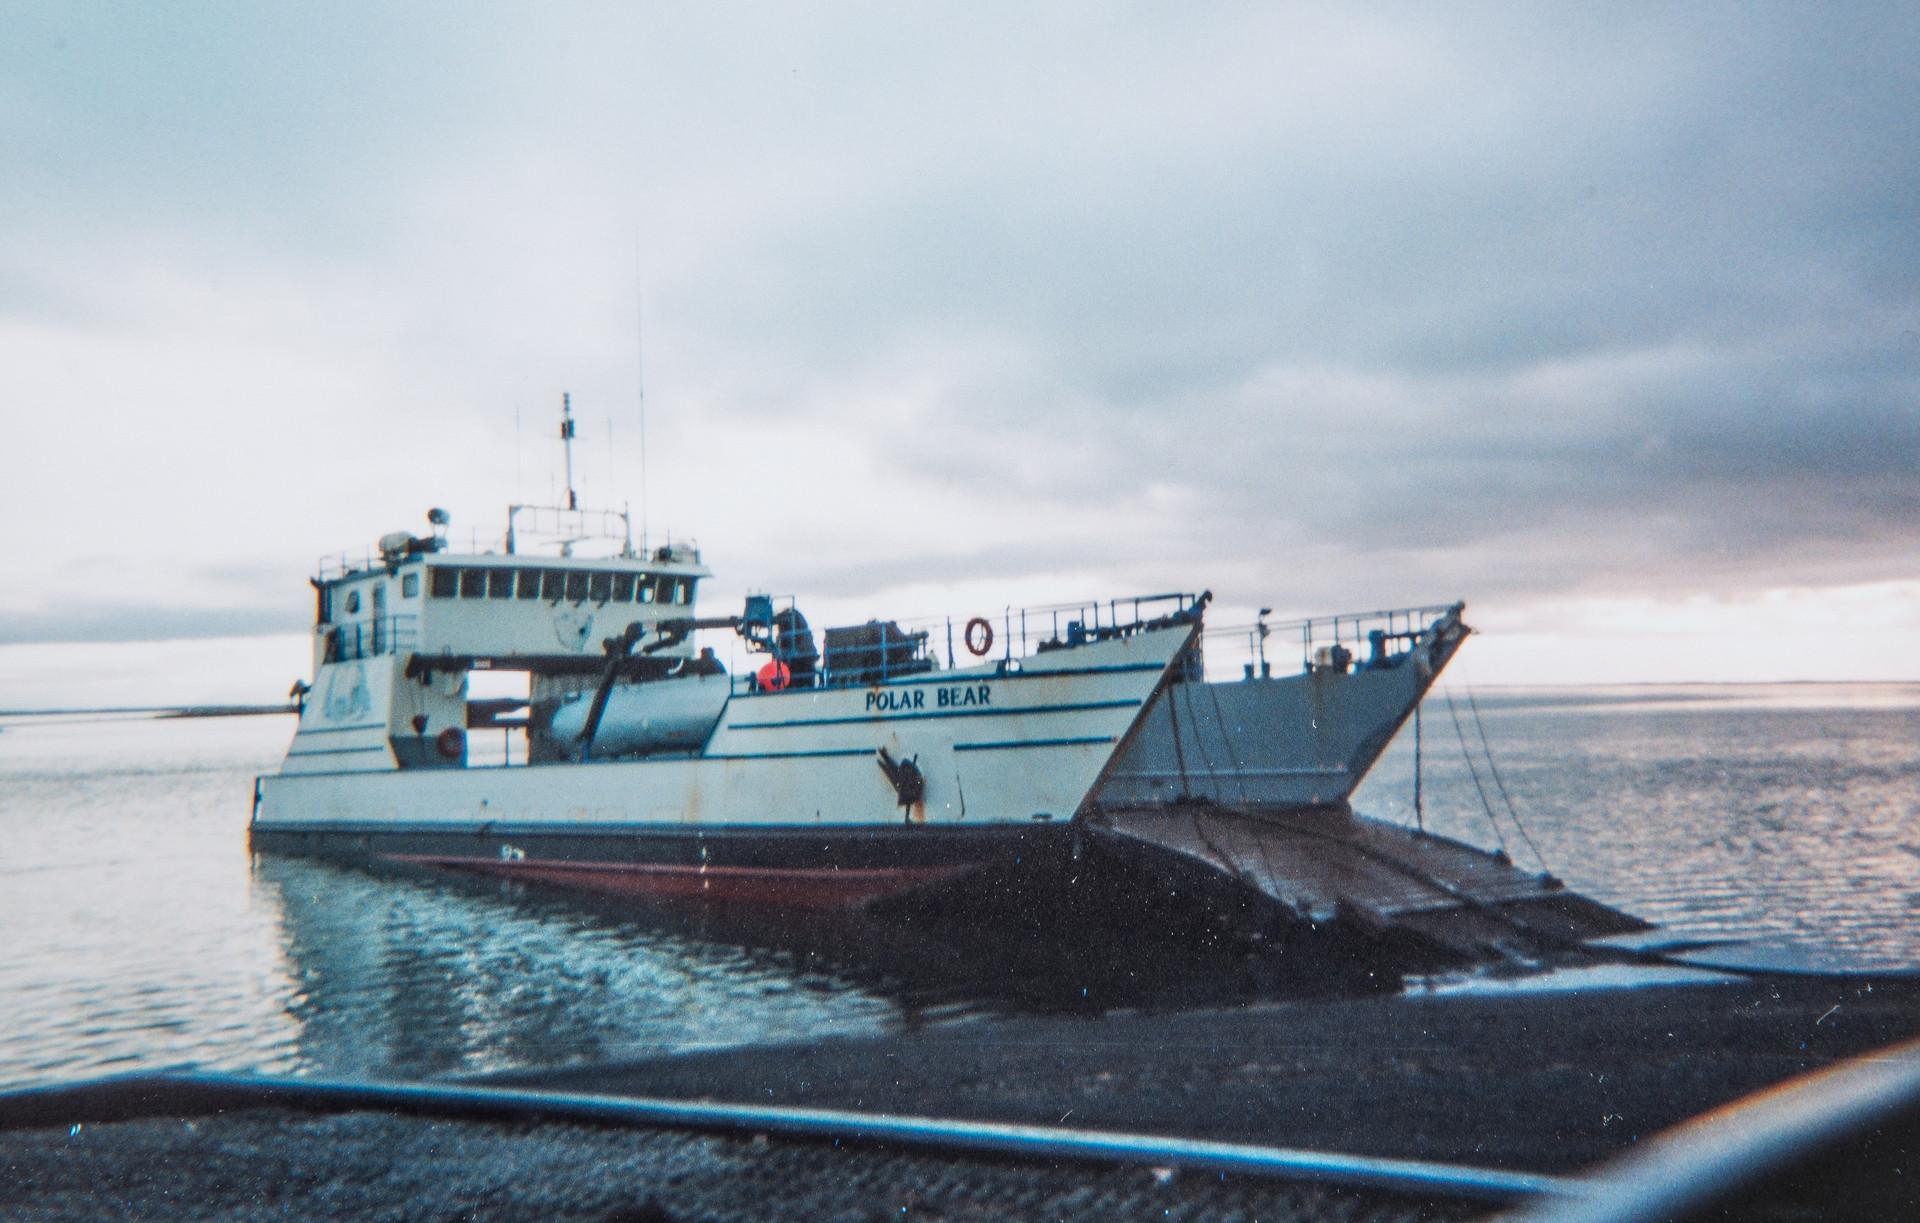 The Polar Bear Barge